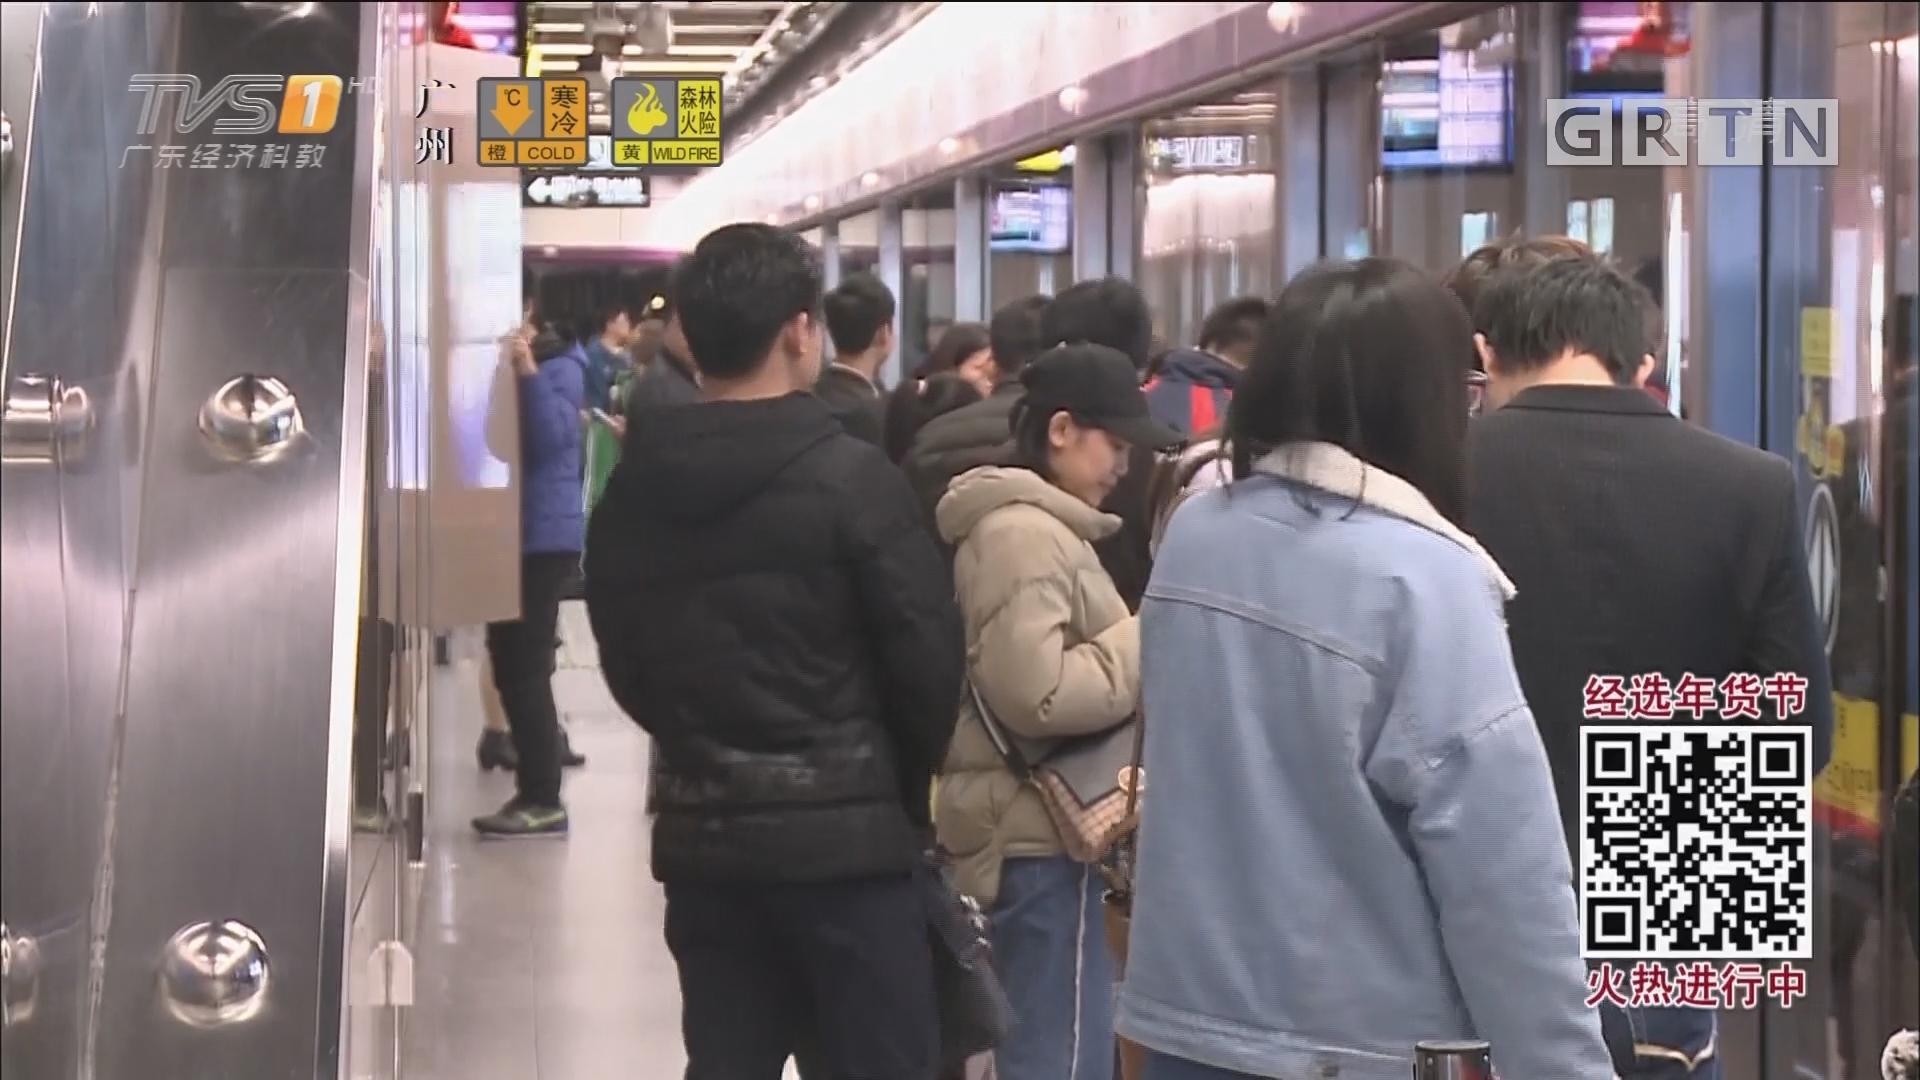 男子地铁上猥亵女子后溜走 冤家路窄终被抓